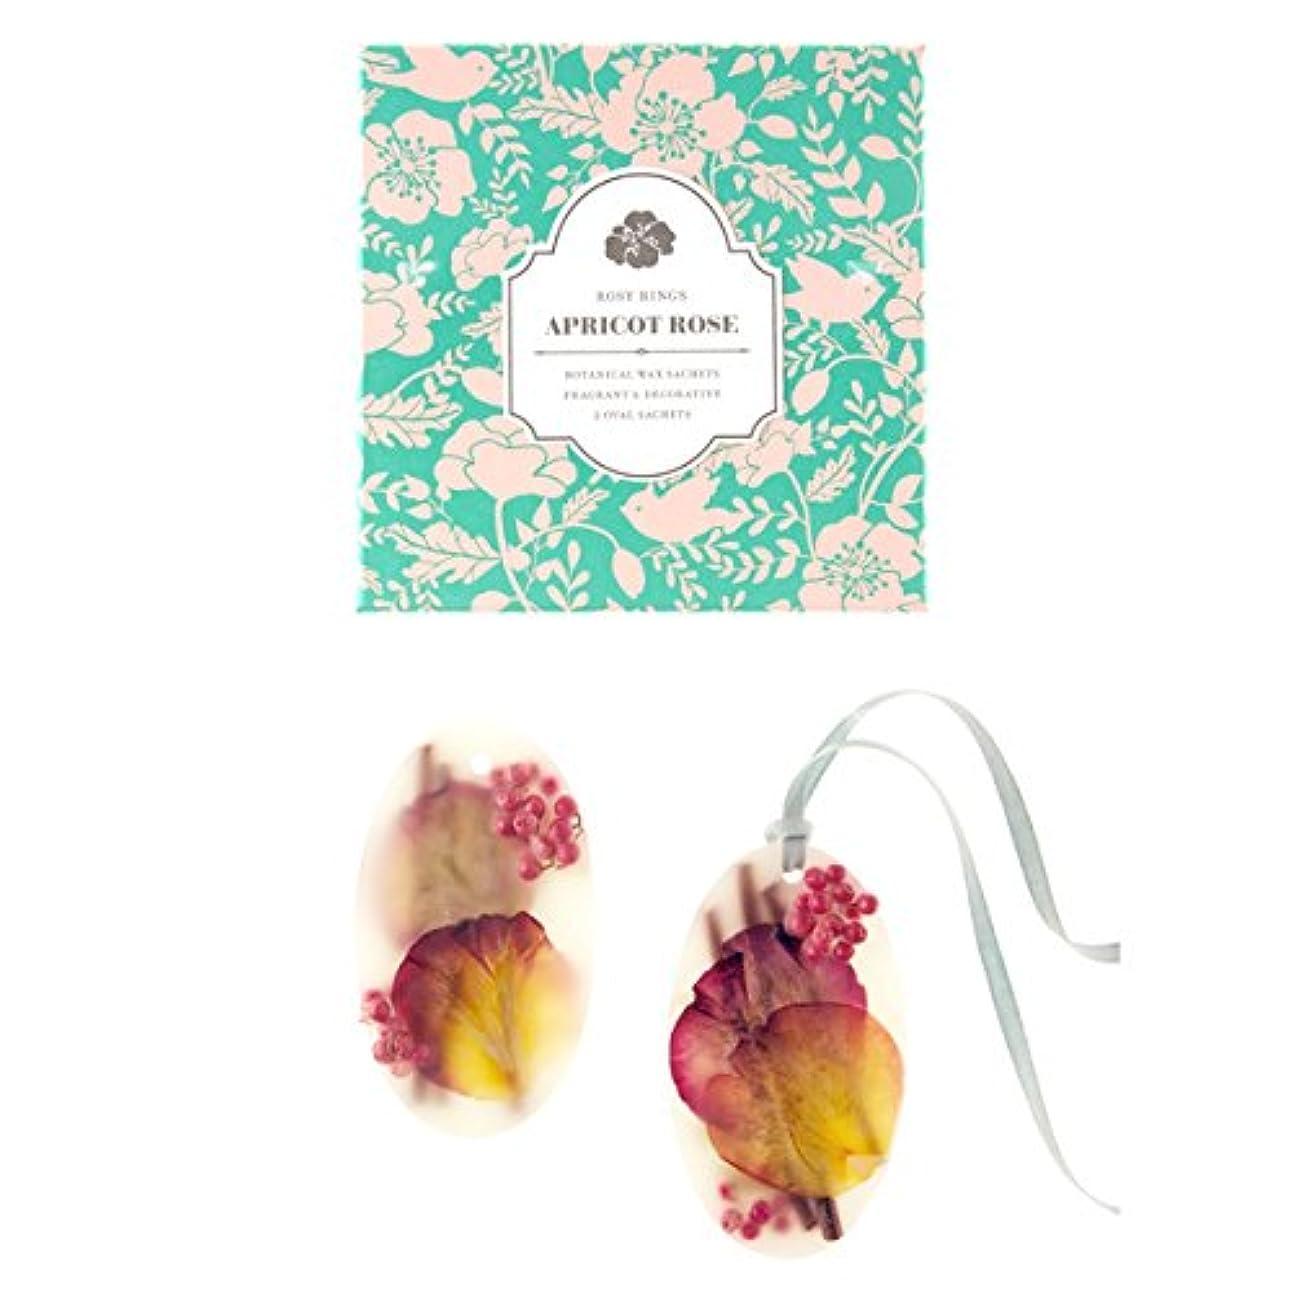 最悪地中海断線ロージーリングス ボタニカルワックスサシェ オーバル アプリコット&ローズ ROSY RINGS Signature Collection Botanical Wax Sachets – Apricot Rose